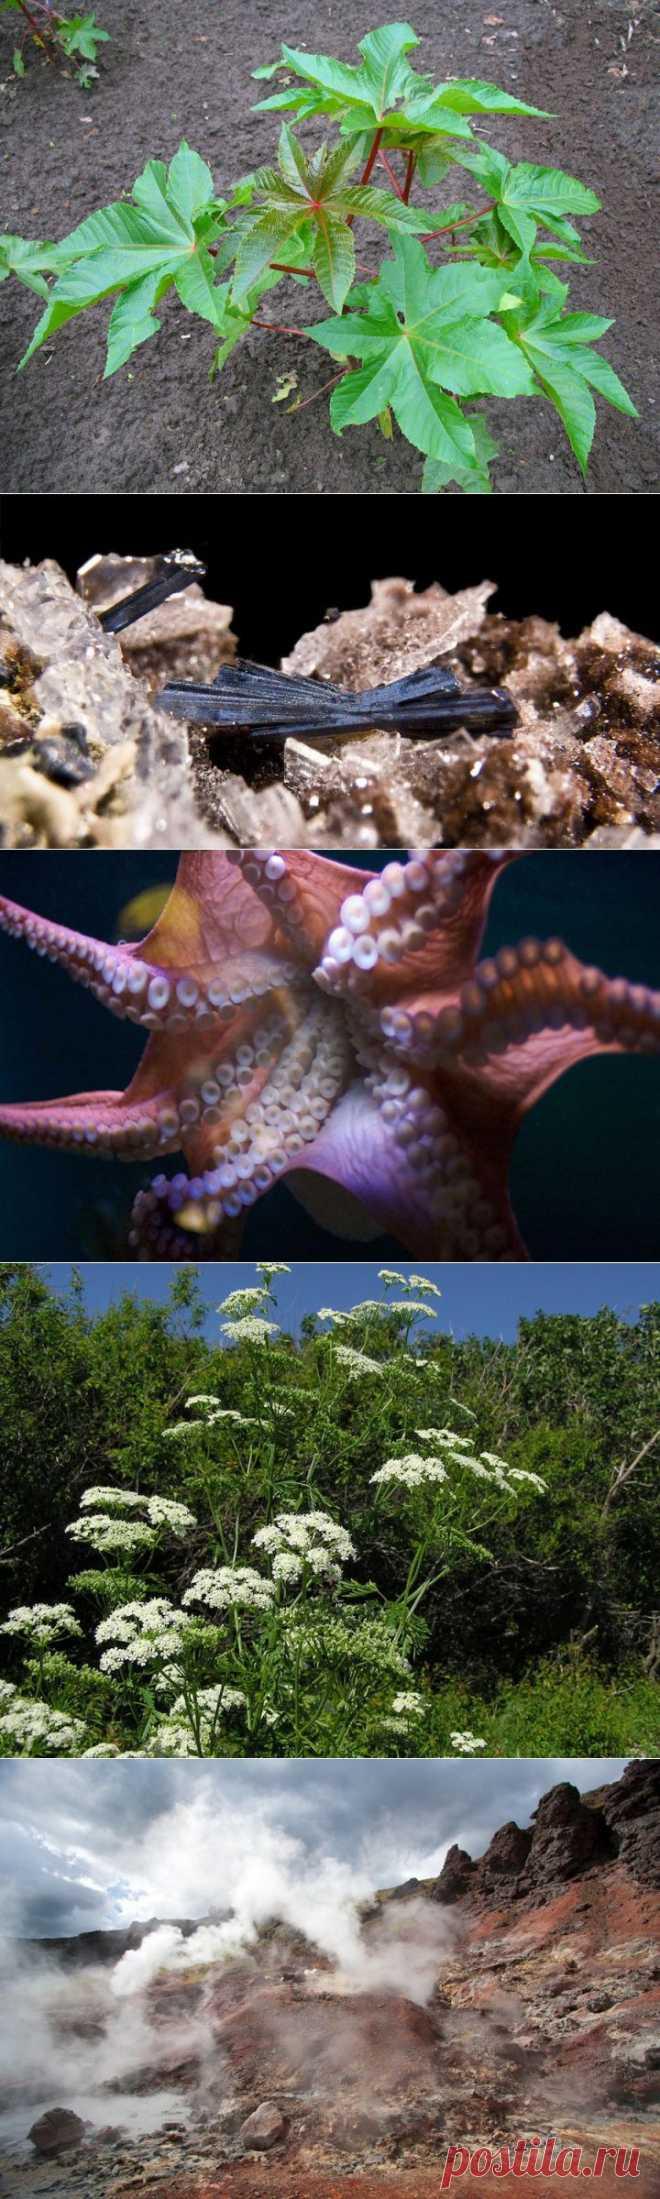 (+1) тема - 7 неожиданных способов, которыми природа может вас убить | Среда обитания